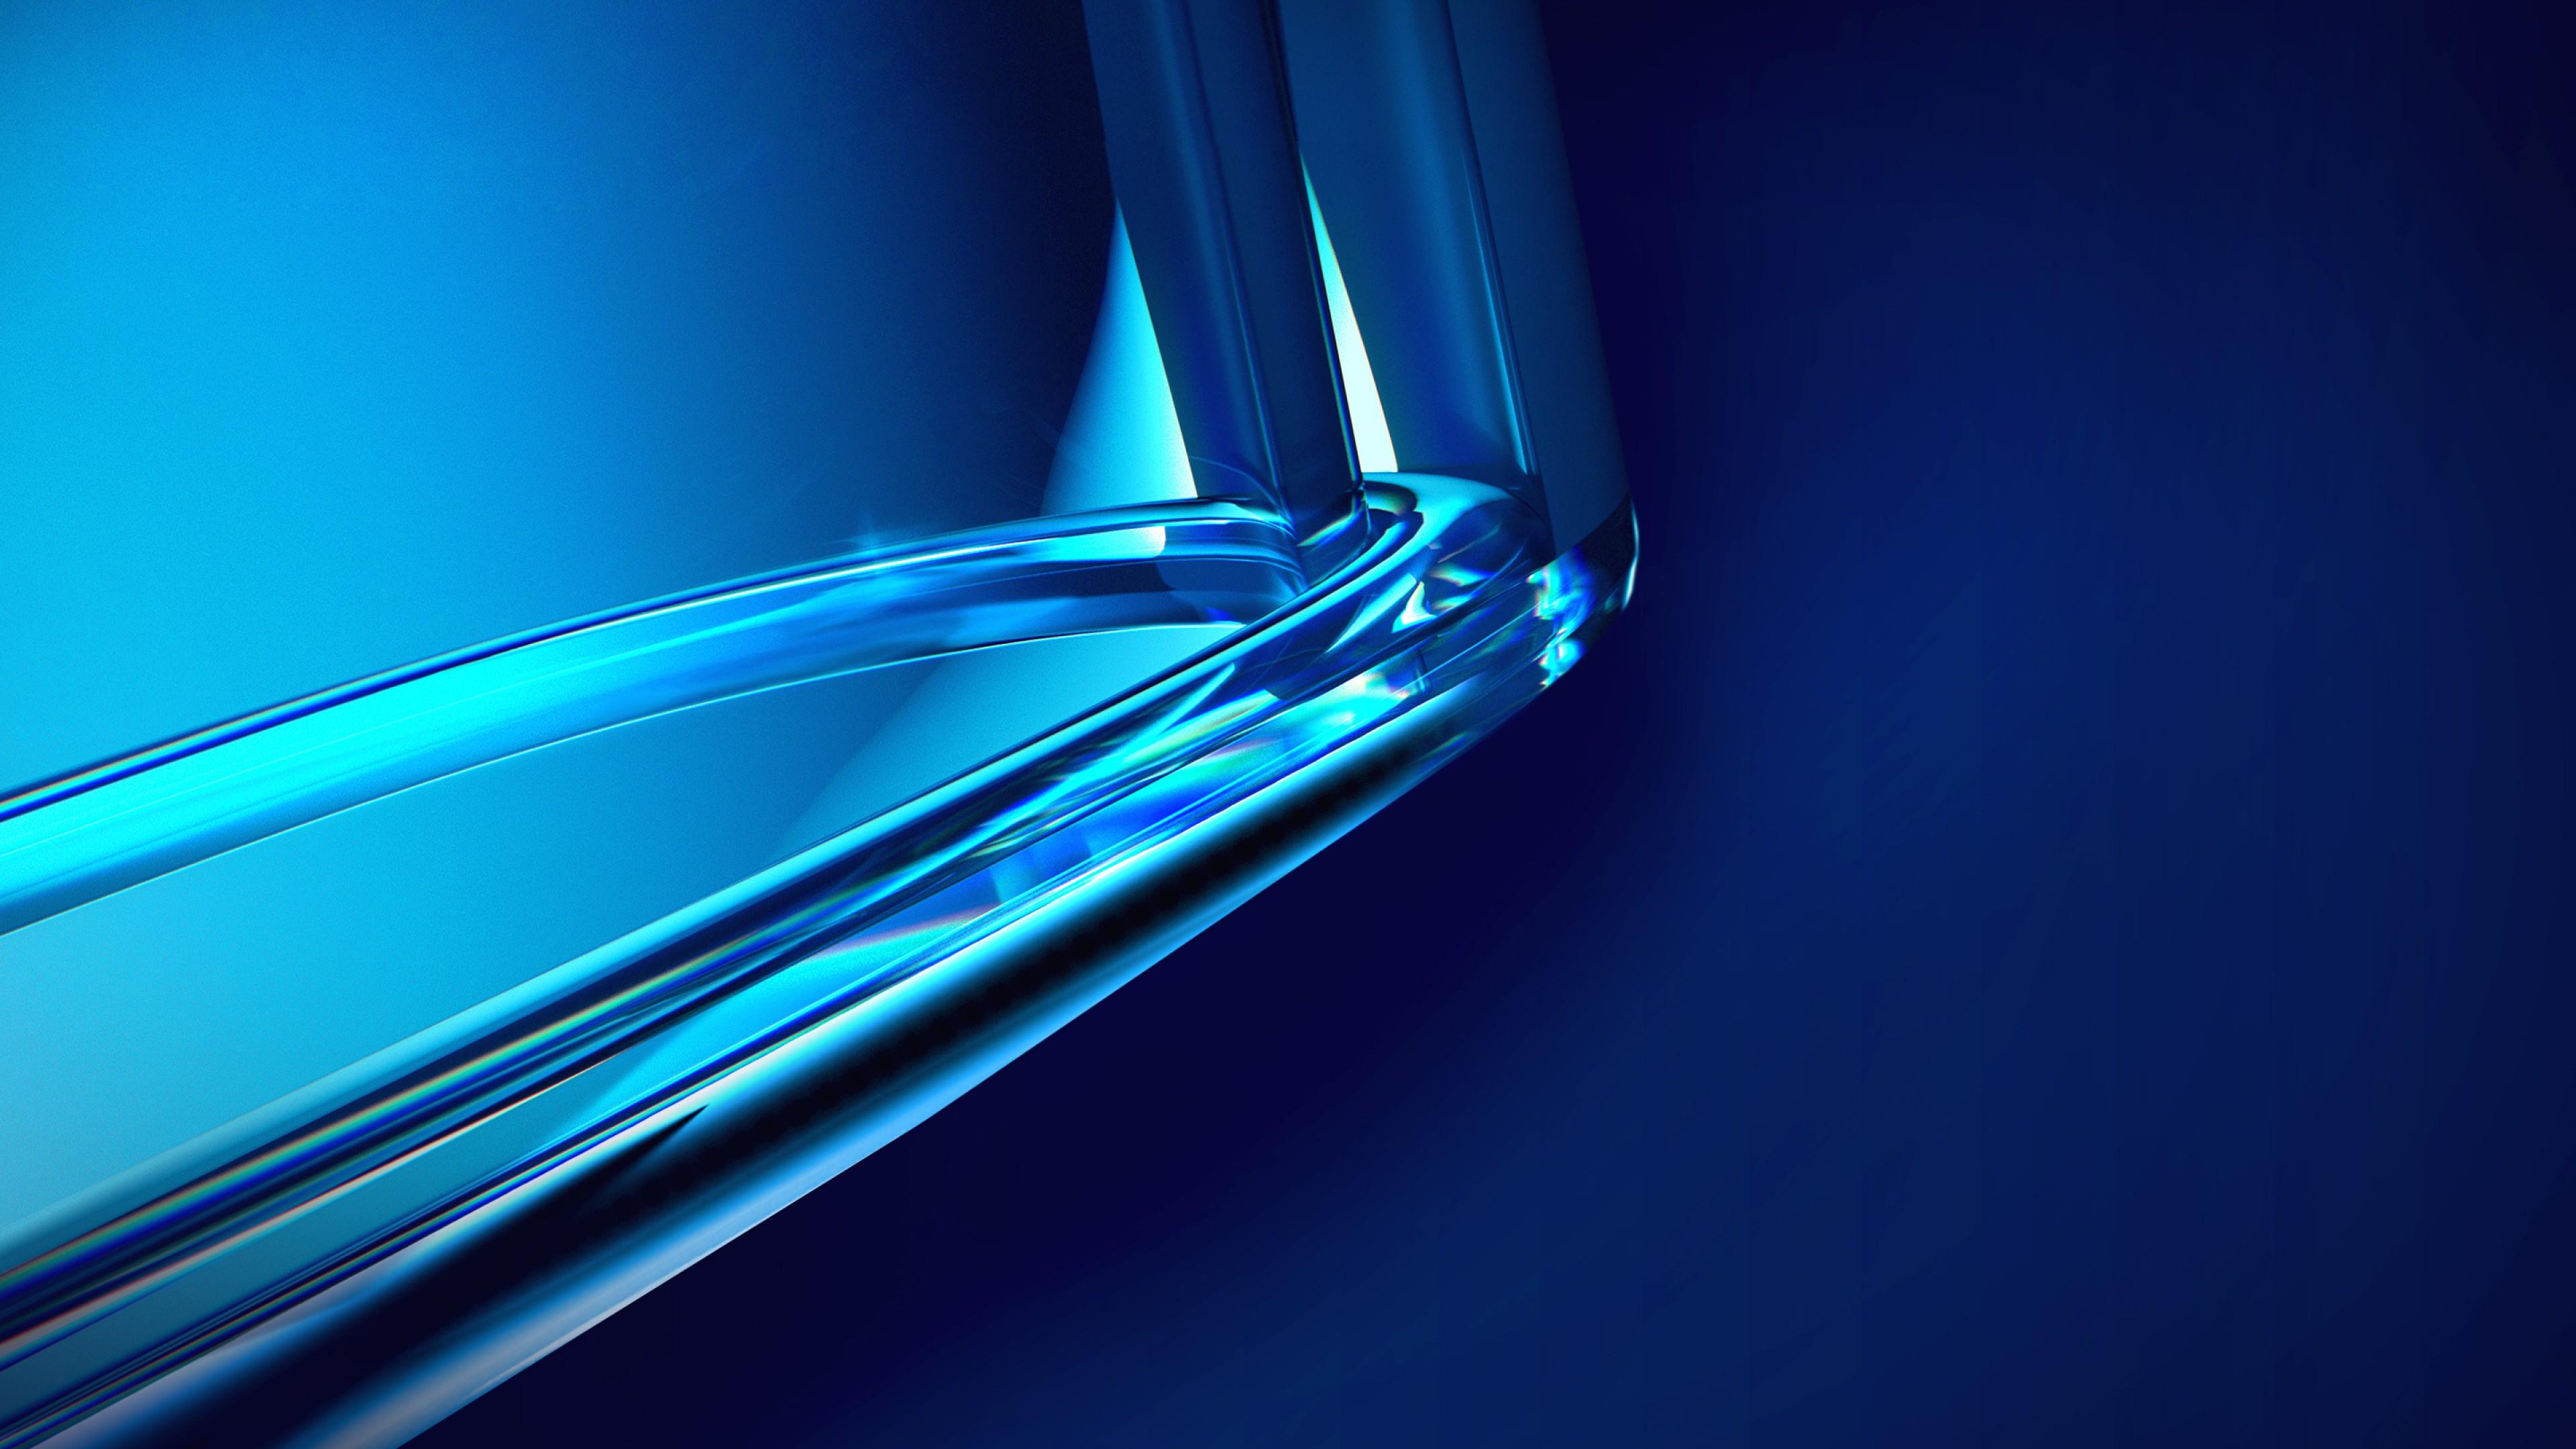 Геометрическая фигура овал сине-голубого с переливами цвета